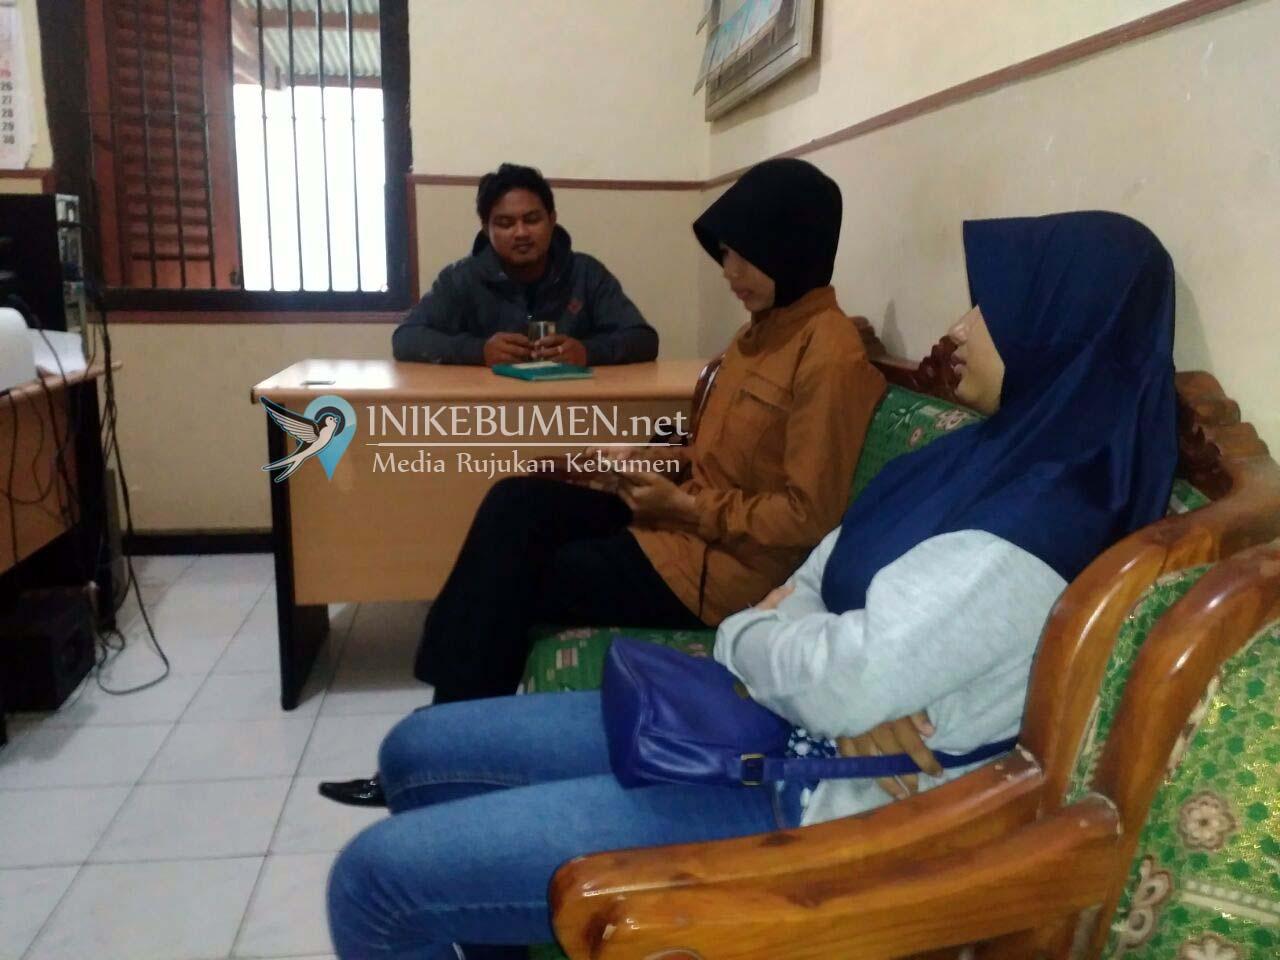 Menghilang  10 Hari, Mahasiswa Stikes Muhammadiyah Gombong Ditemukan Bersama Kekasihnya